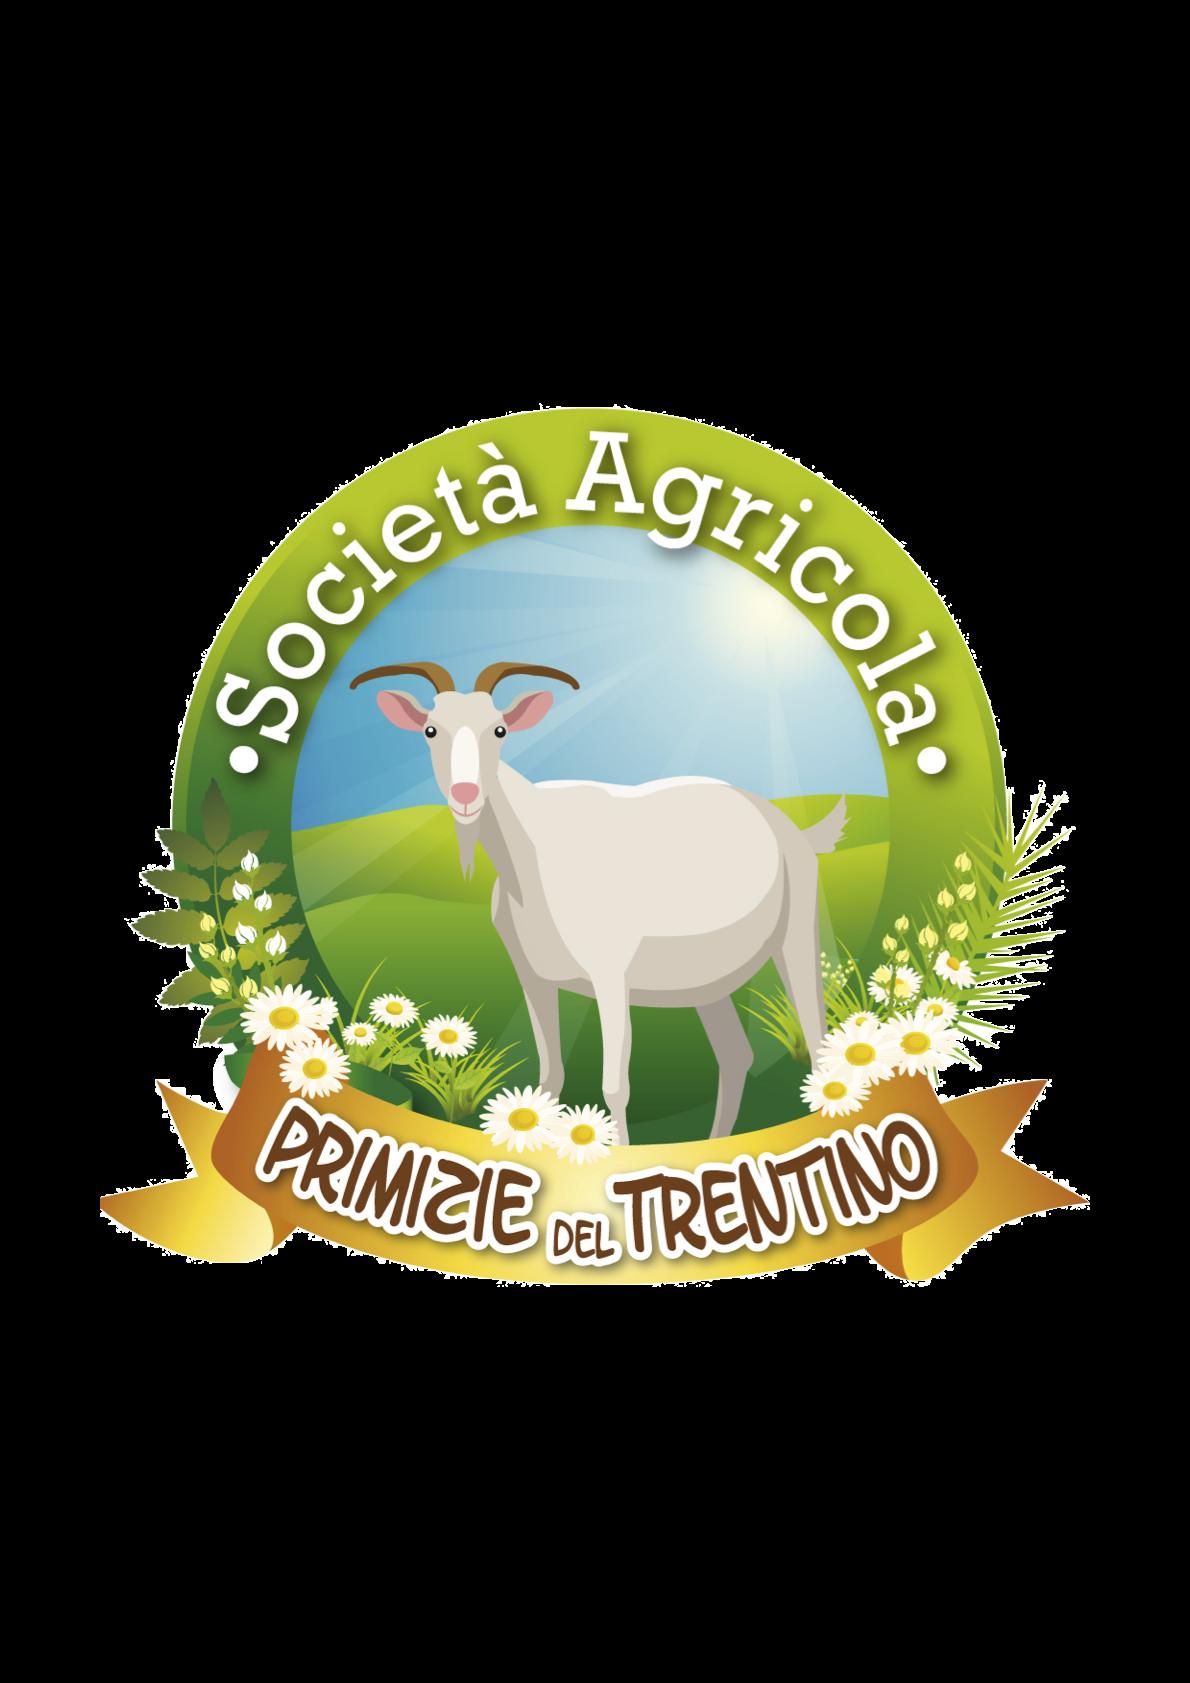 Primizie del Trentino